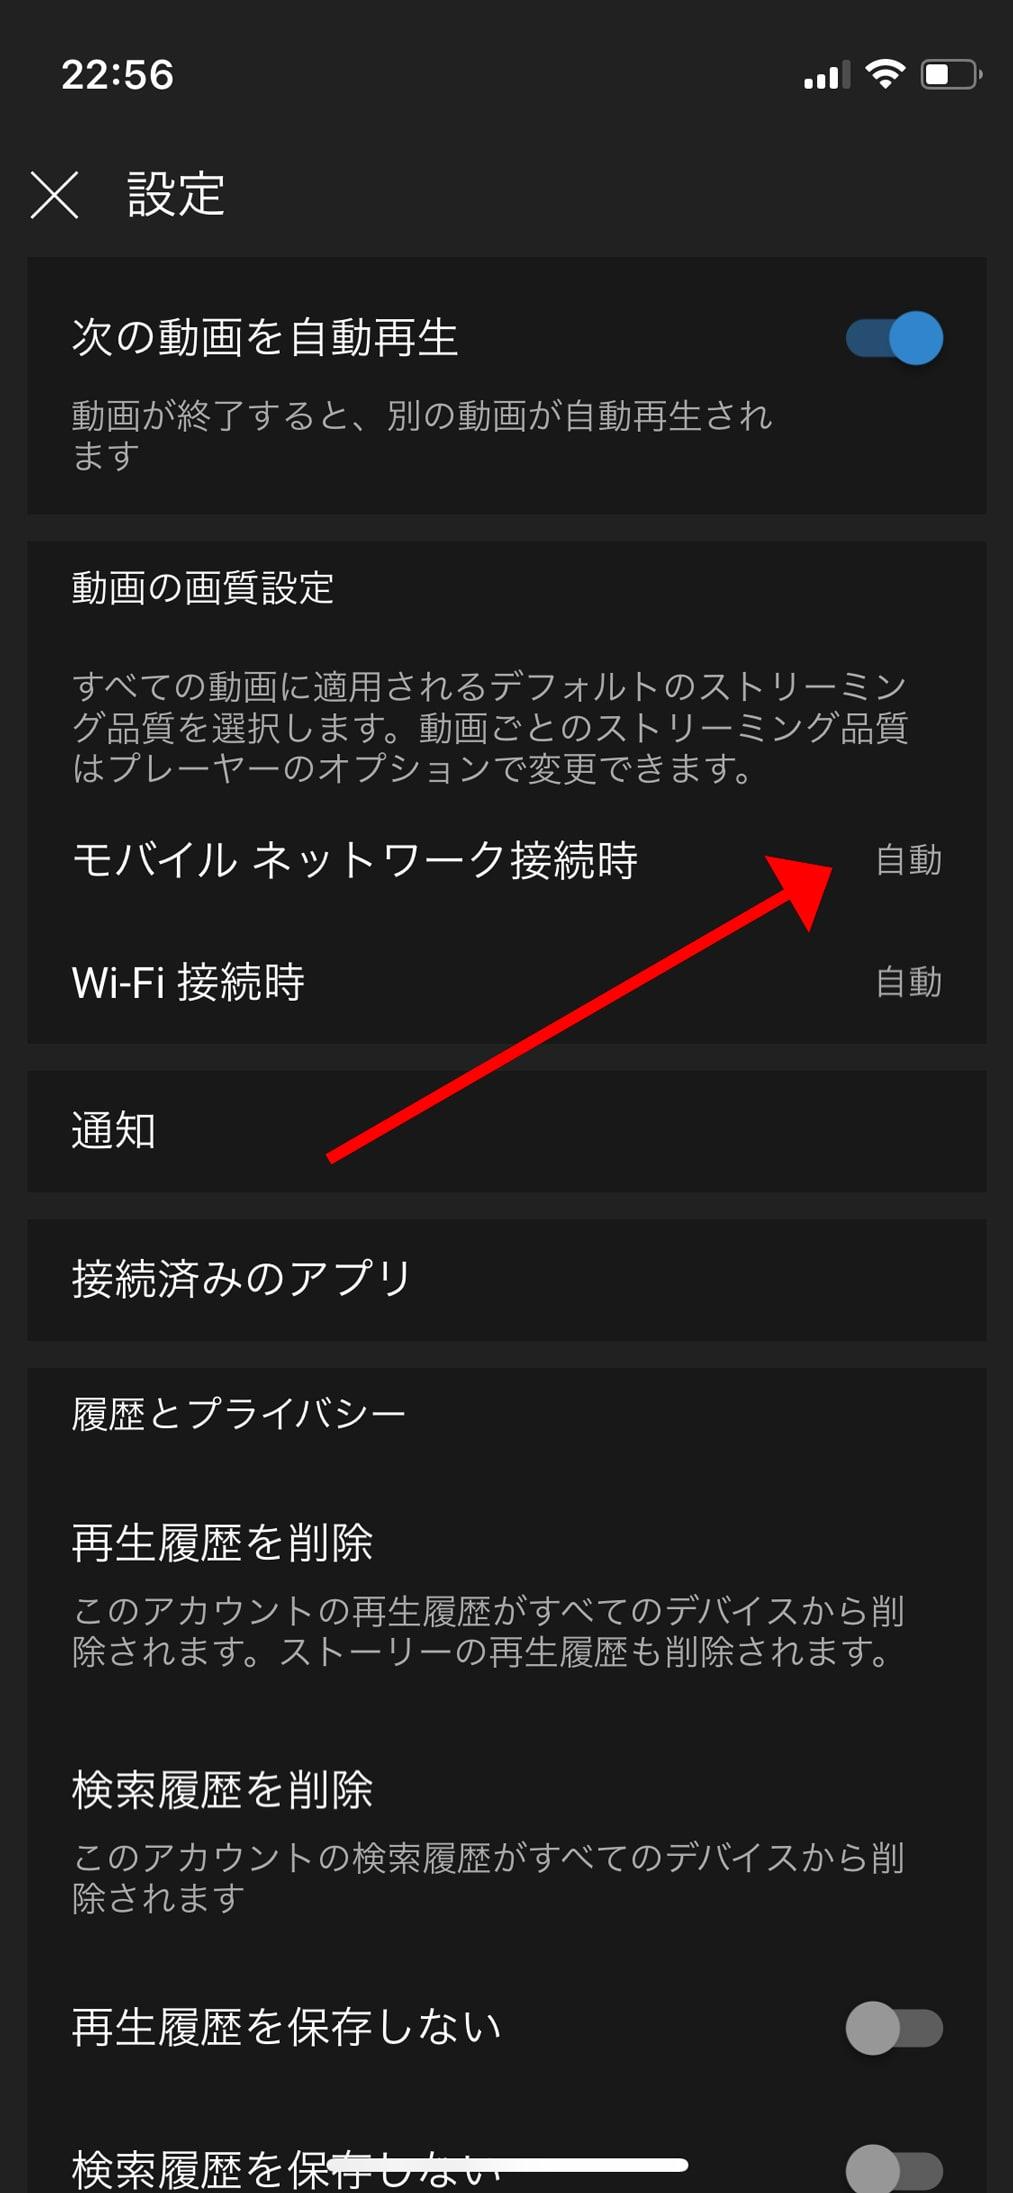 Youtubeを画質をデータセーバーモードに変更、iPhoneのデータ通信を節約する方法